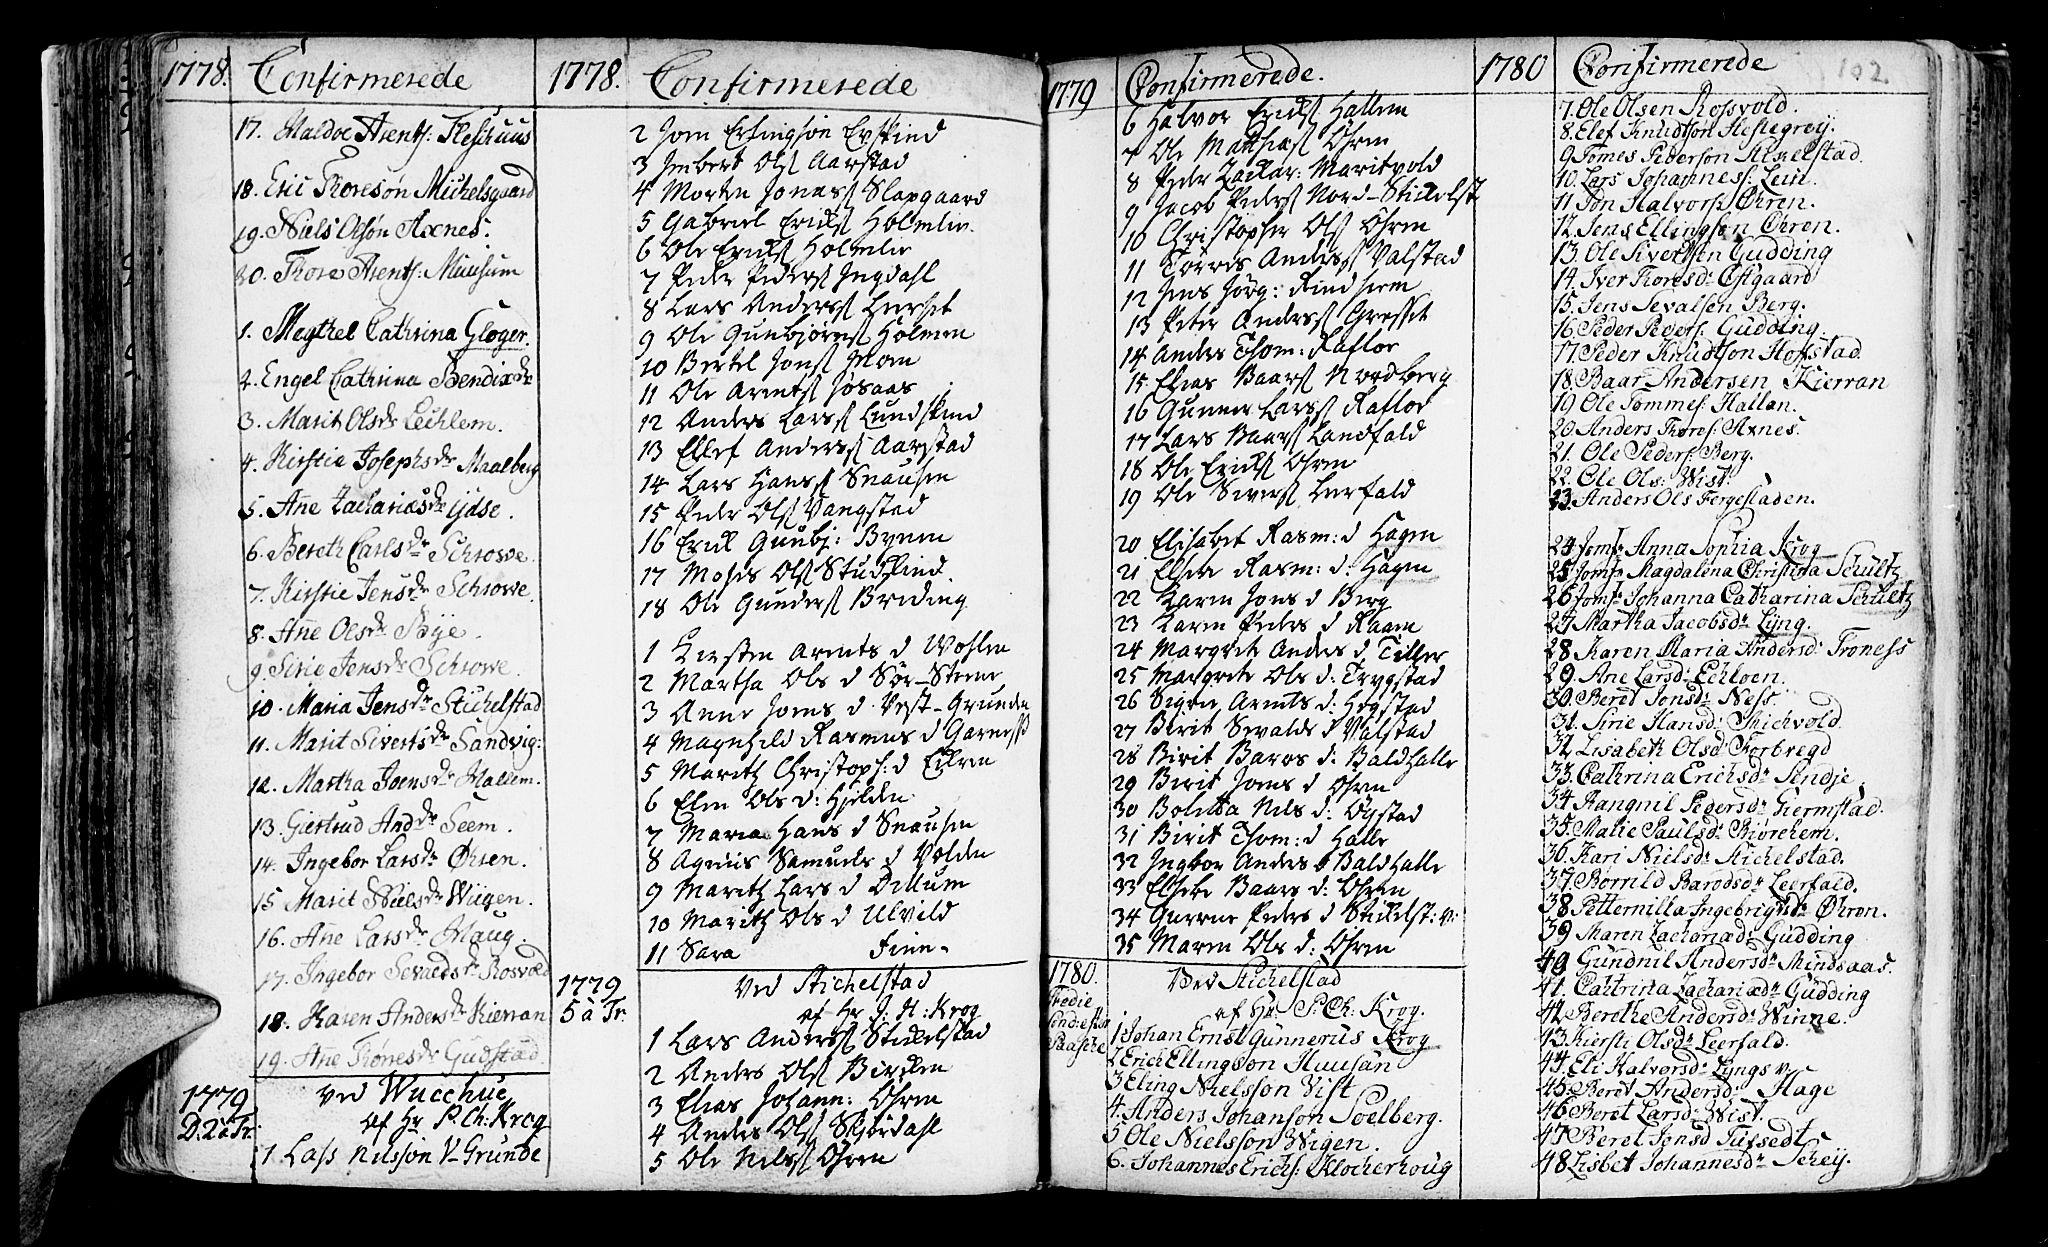 SAT, Ministerialprotokoller, klokkerbøker og fødselsregistre - Nord-Trøndelag, 723/L0231: Ministerialbok nr. 723A02, 1748-1780, s. 102